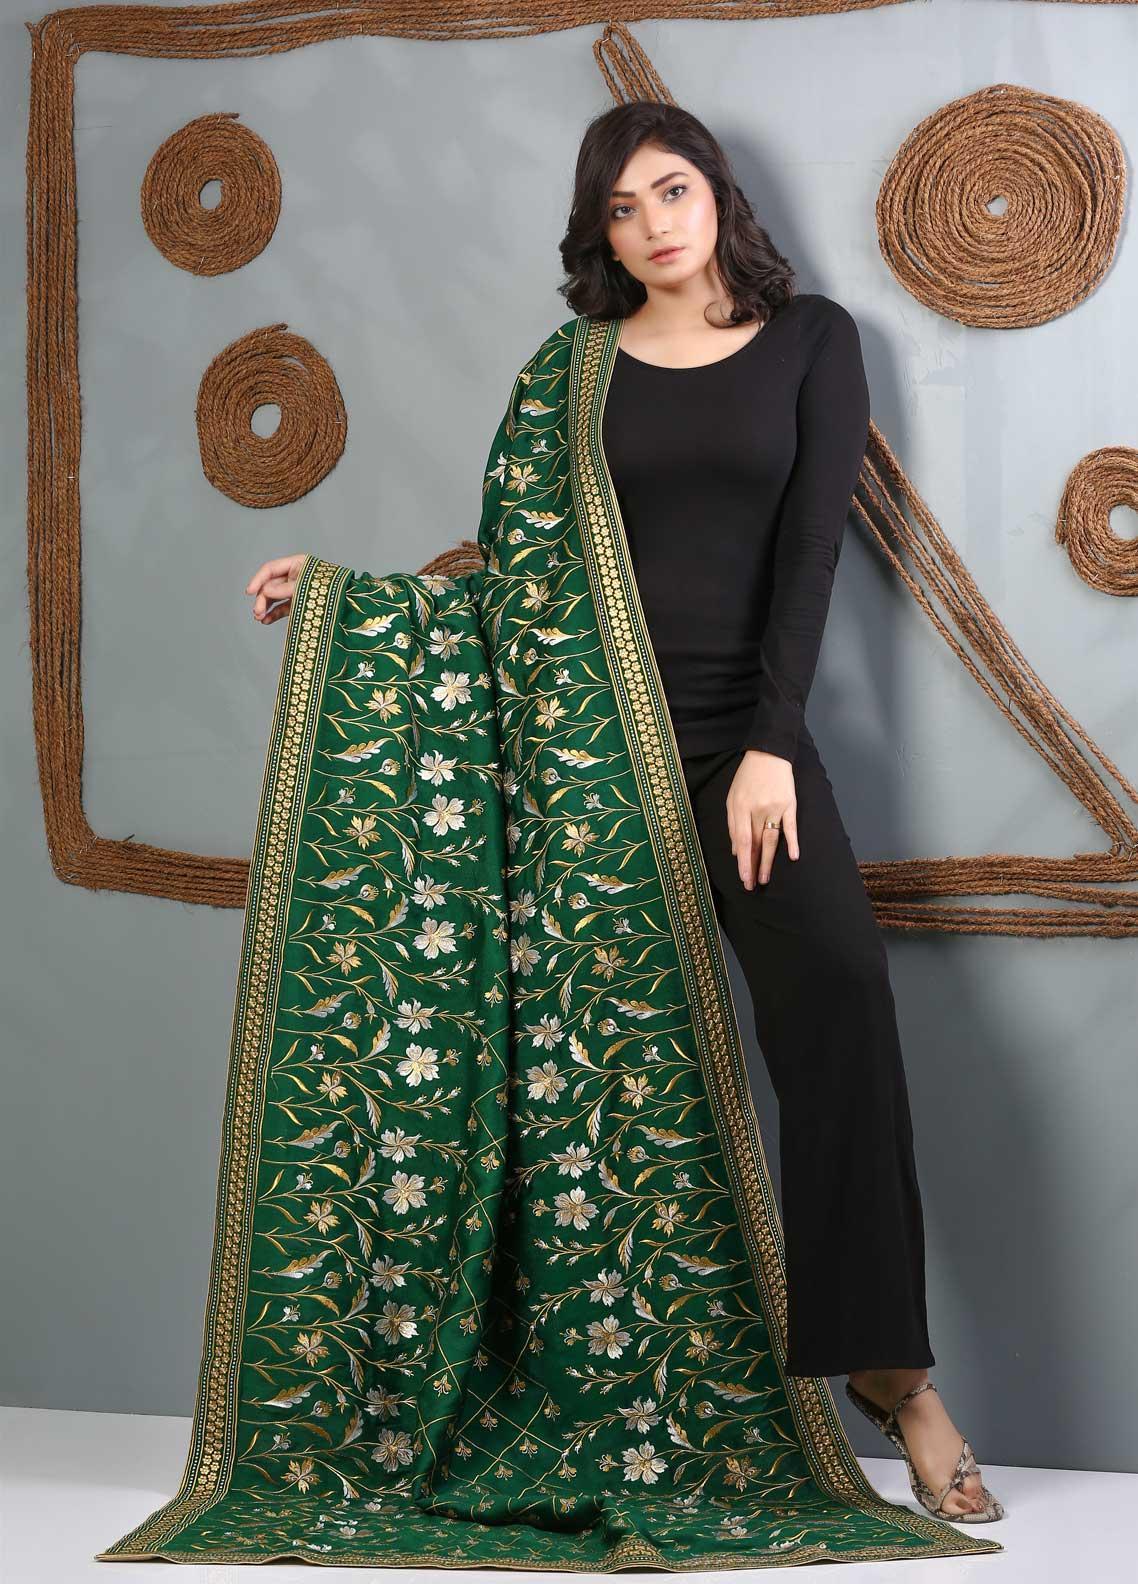 Al Rahim Banarsi Embroidered Banarsi  Shawl AR21BS DVE22 Green - Banarsi Shawls